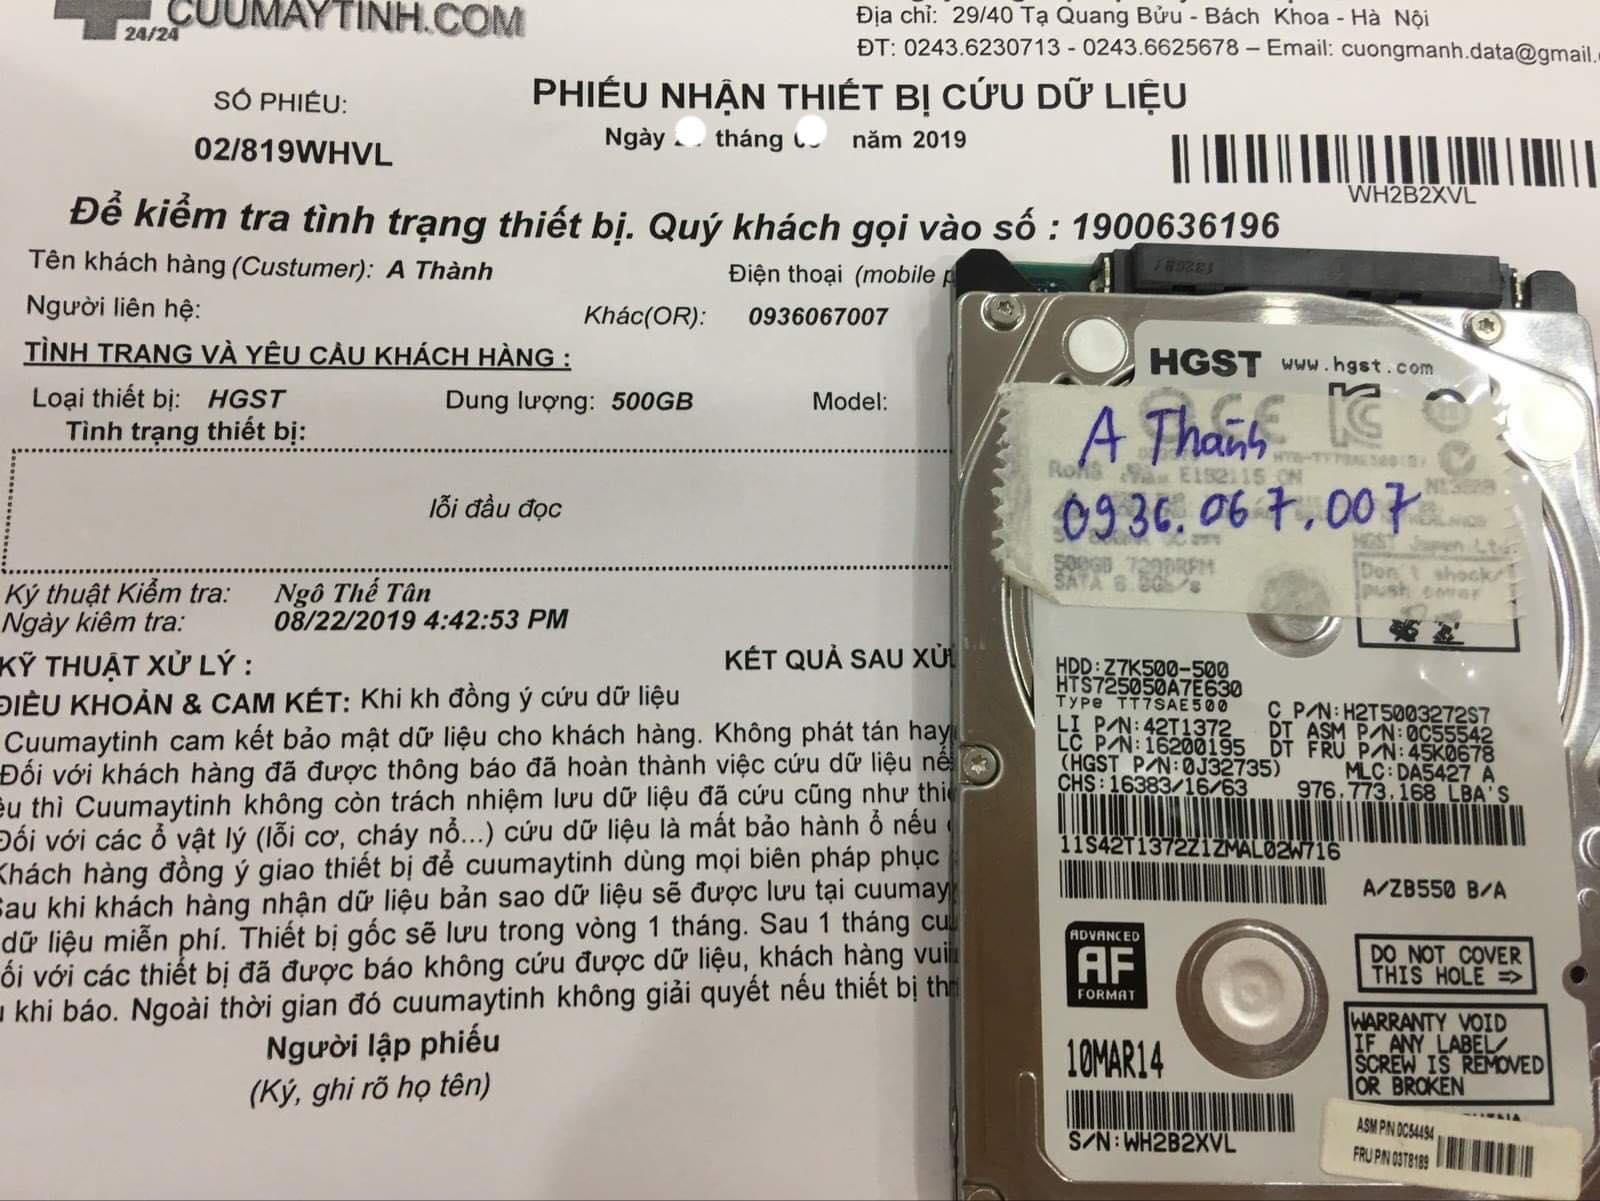 Lấy dữ liệu ổ cứng HGST 500GB lỗi đầu đọc 13/09/2019  - cuuamytinh